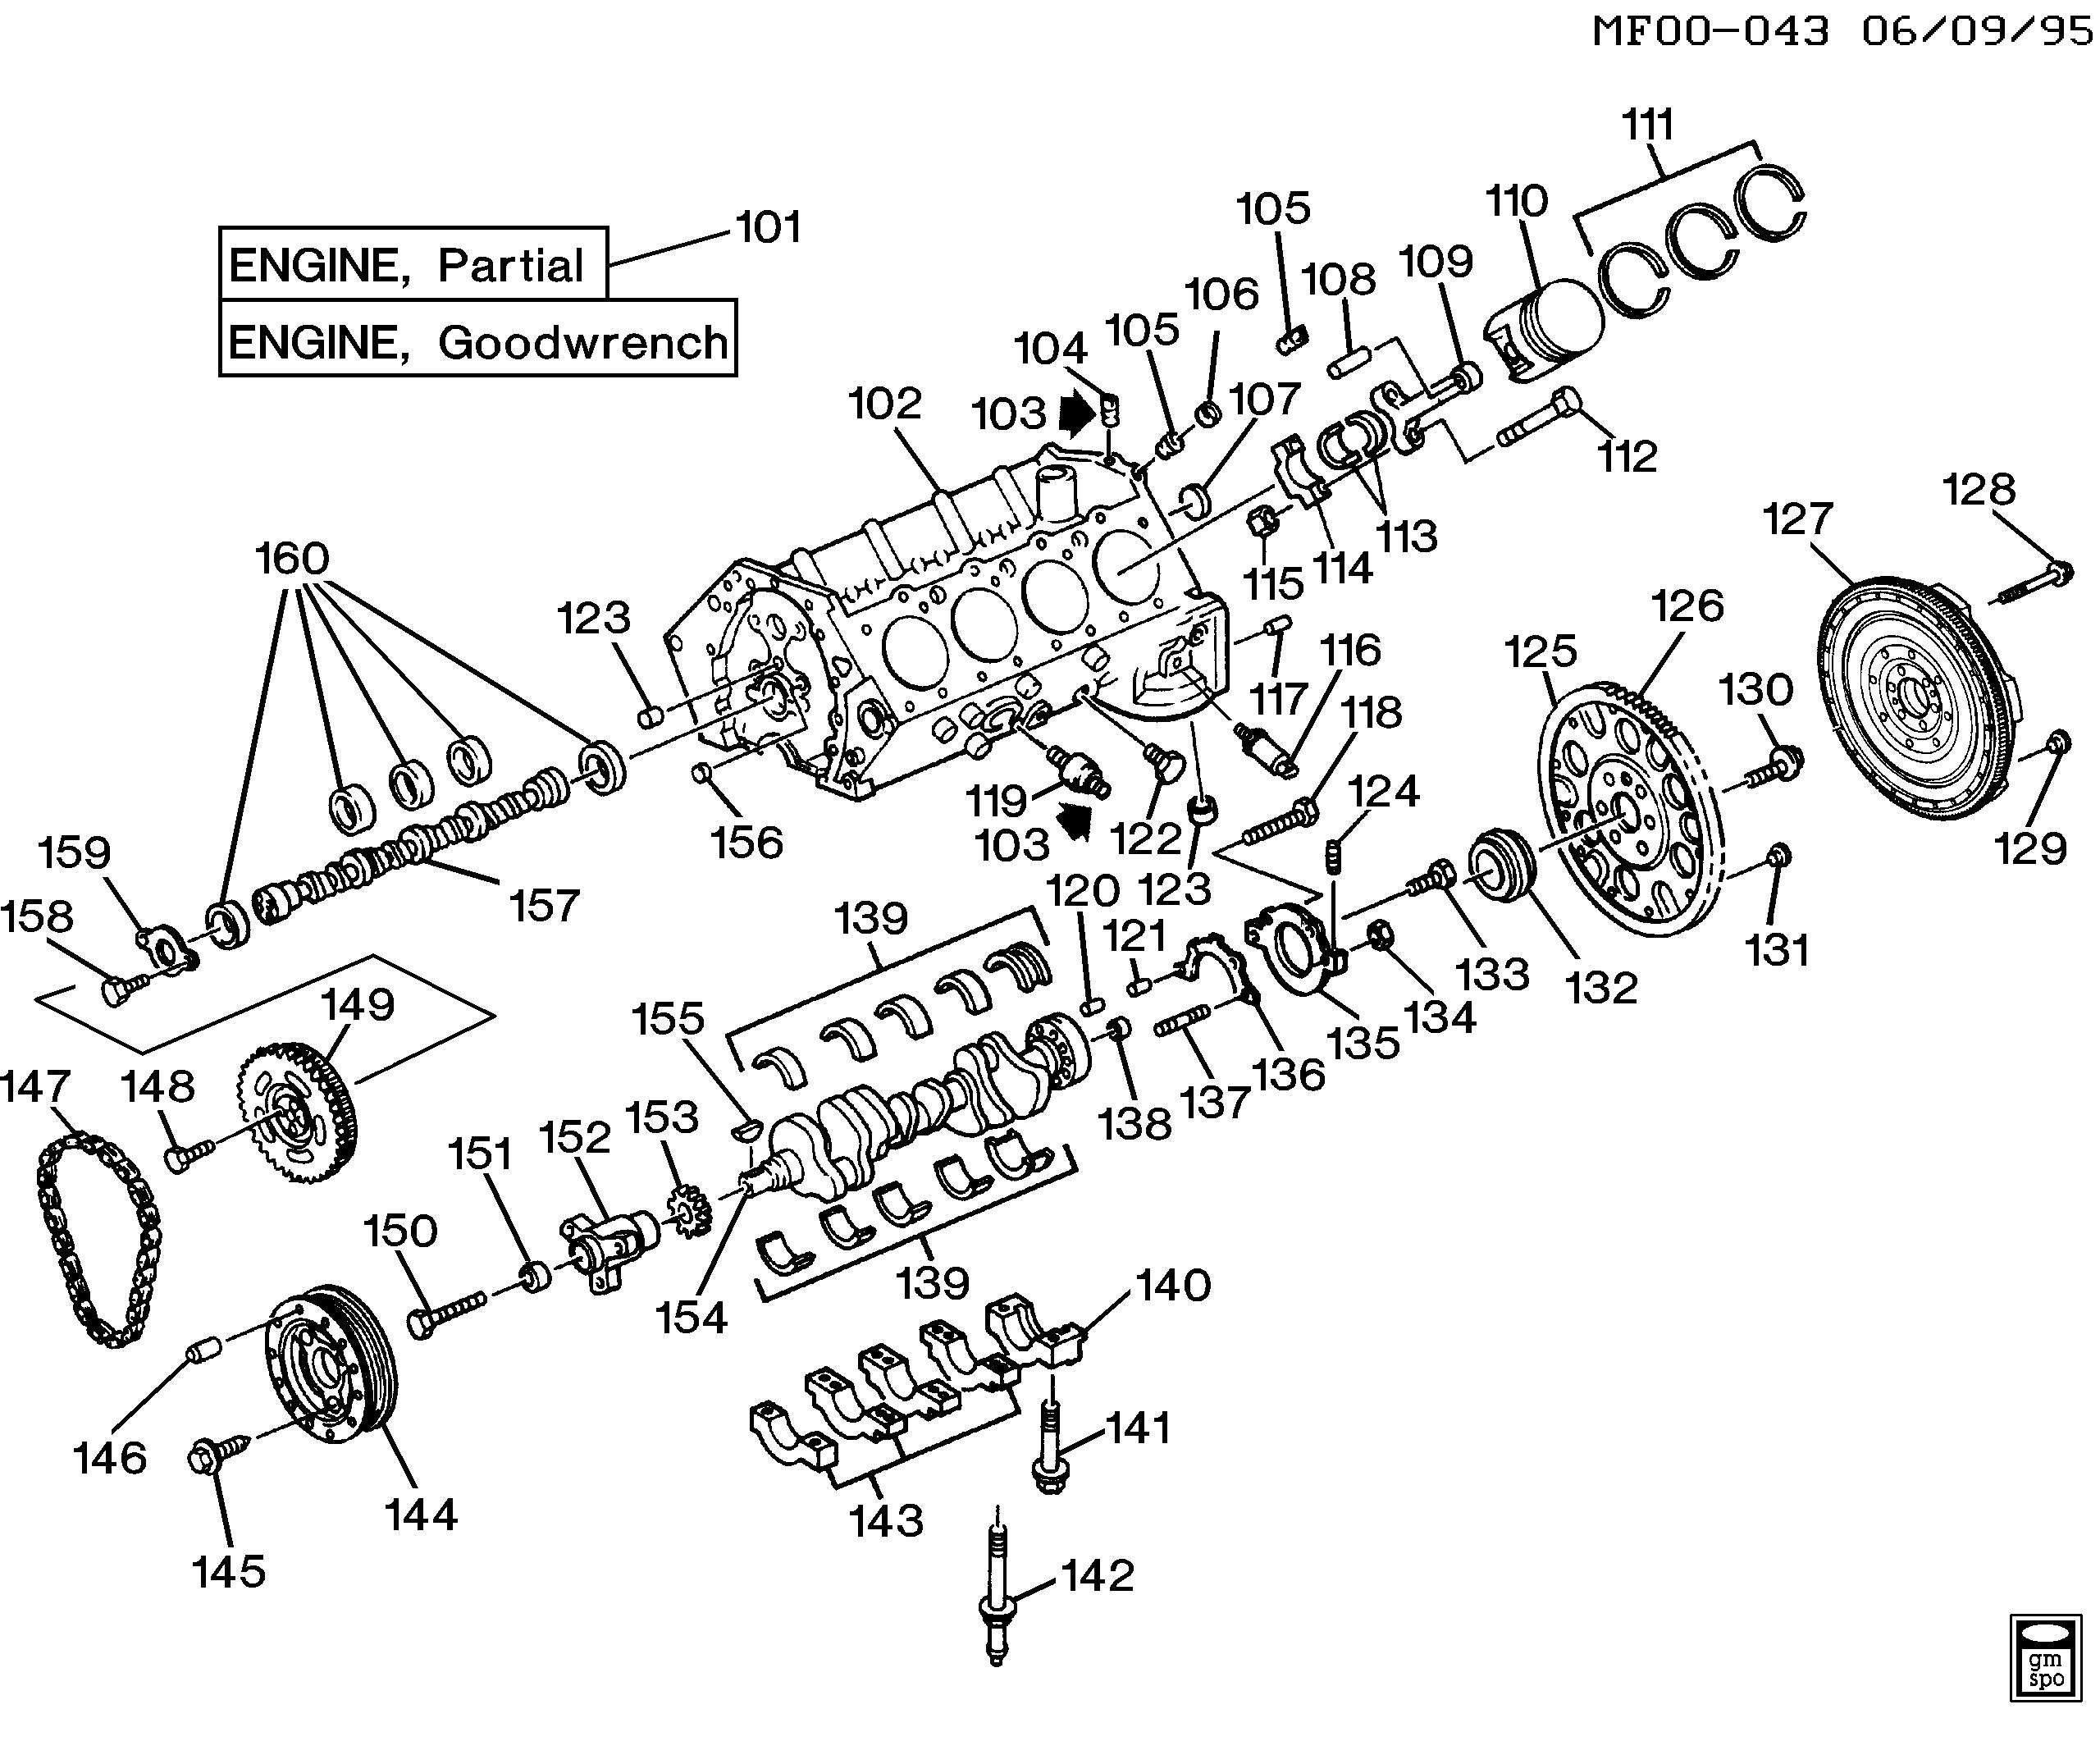 [SCHEMATICS_48IS]  Camaro - Engine asm-5.7l v8 part 1 cylinder block & related parts >  Chevrolet EPC Online > Nemiga.com | Camaro Engine Block Diagram |  | nemigaparts.com